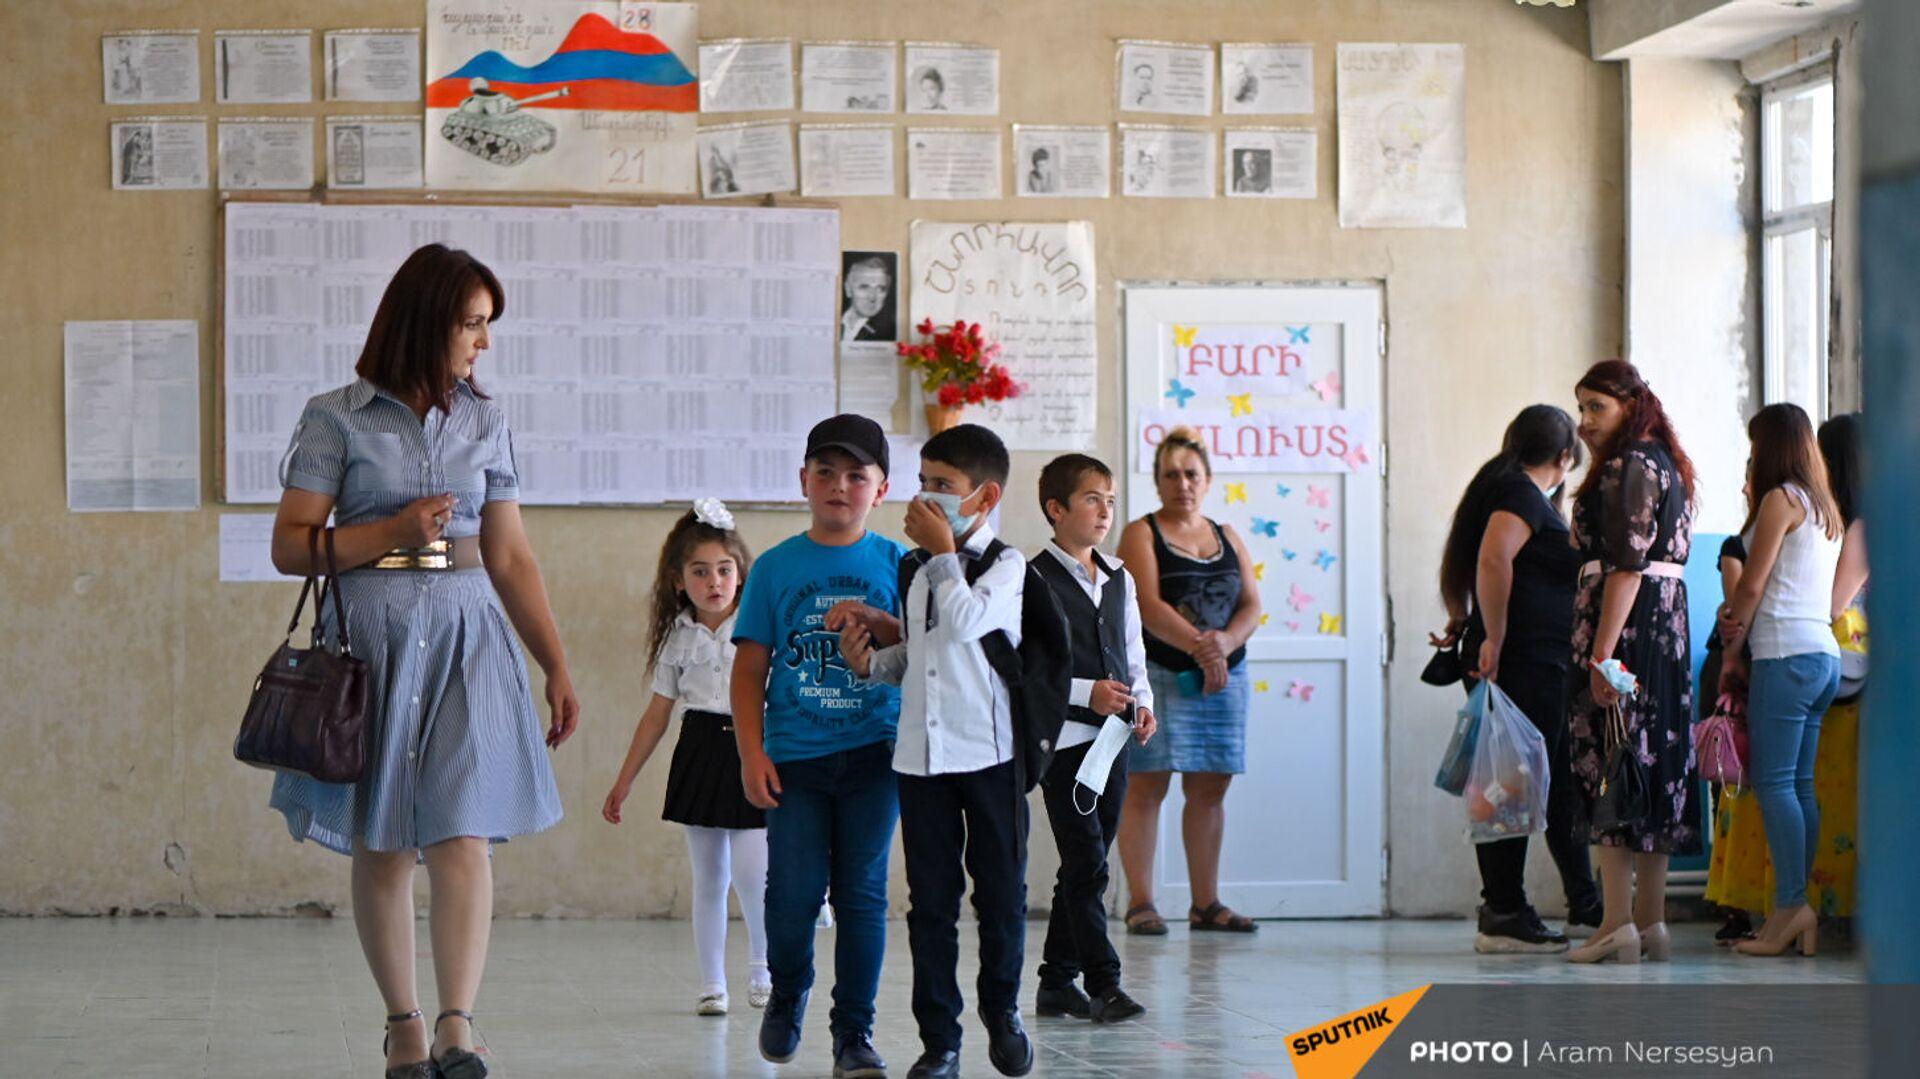 Դպրոց (Սոթք) - Sputnik Արմենիա, 1920, 24.09.2021